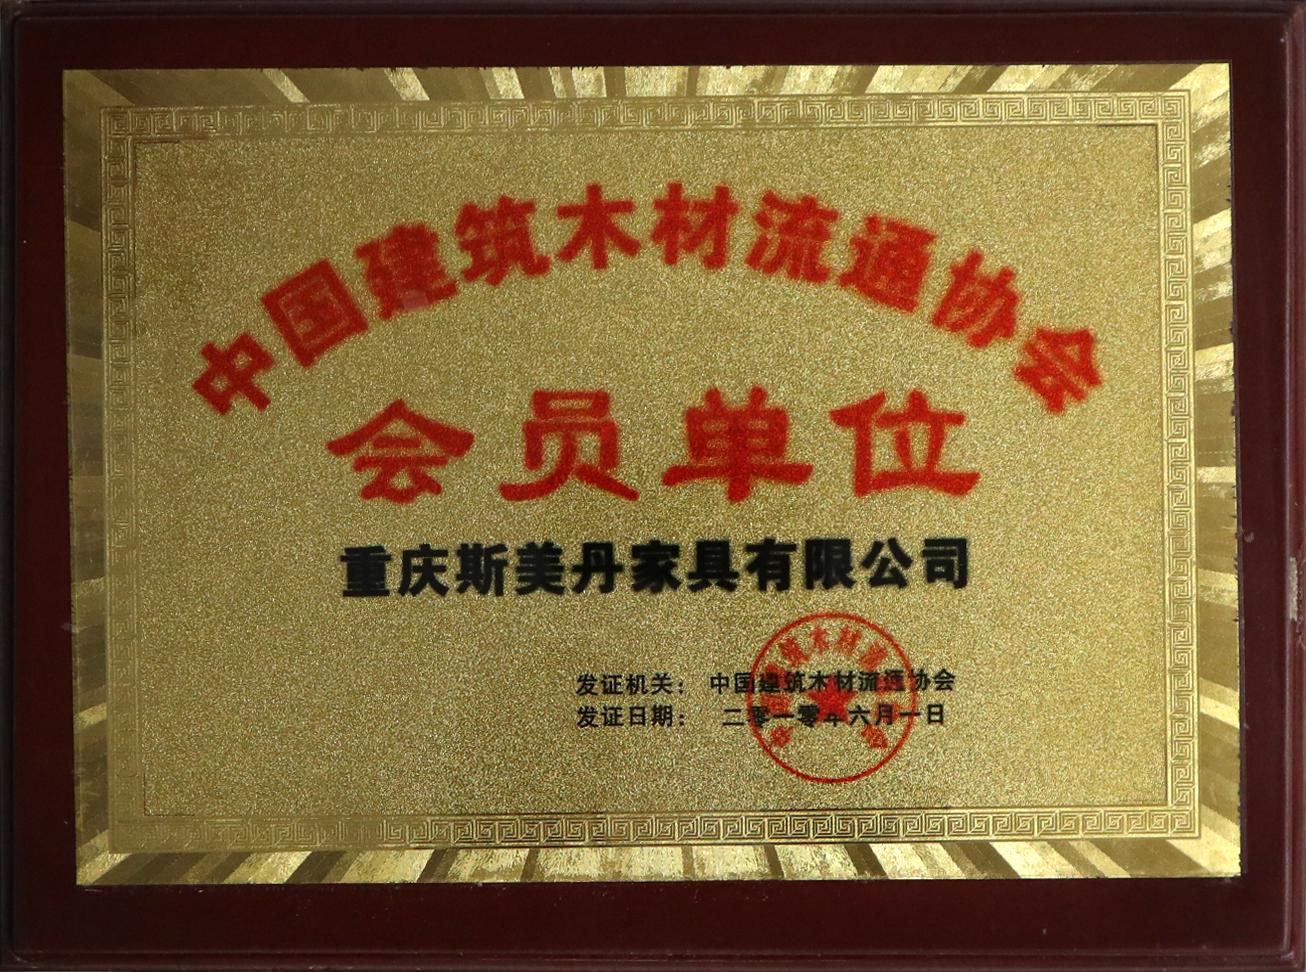 中国建筑木材流通协会会员